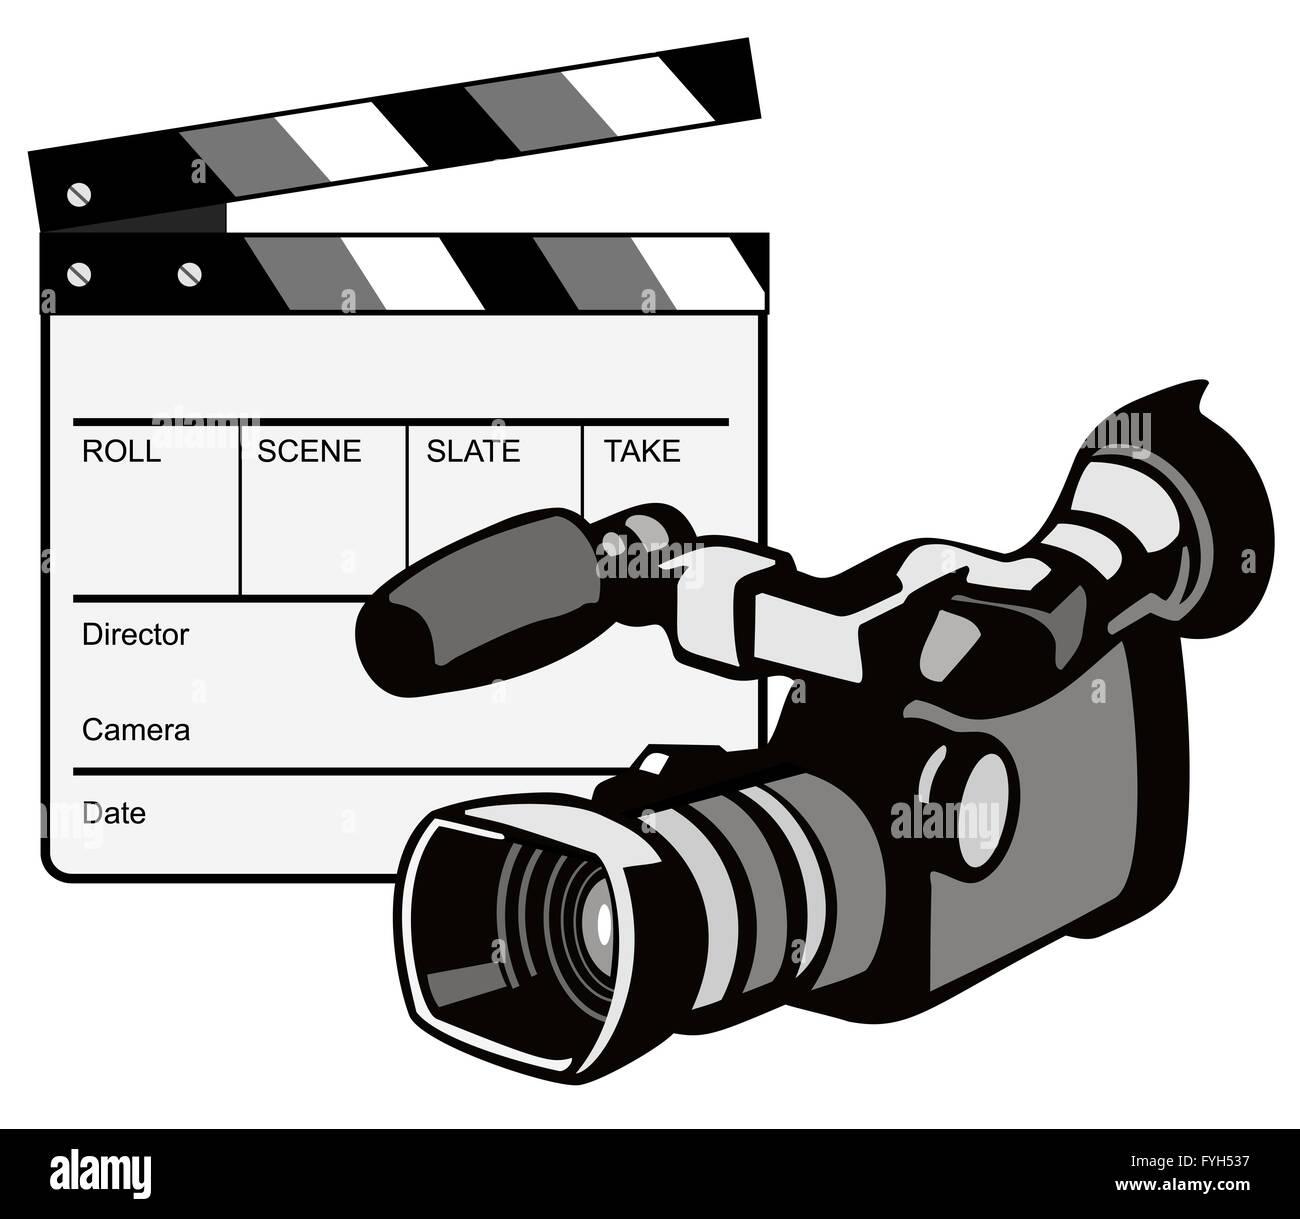 Fantastisch Film Festzelt Vorlage Ideen - Beispiel Wiederaufnahme ...